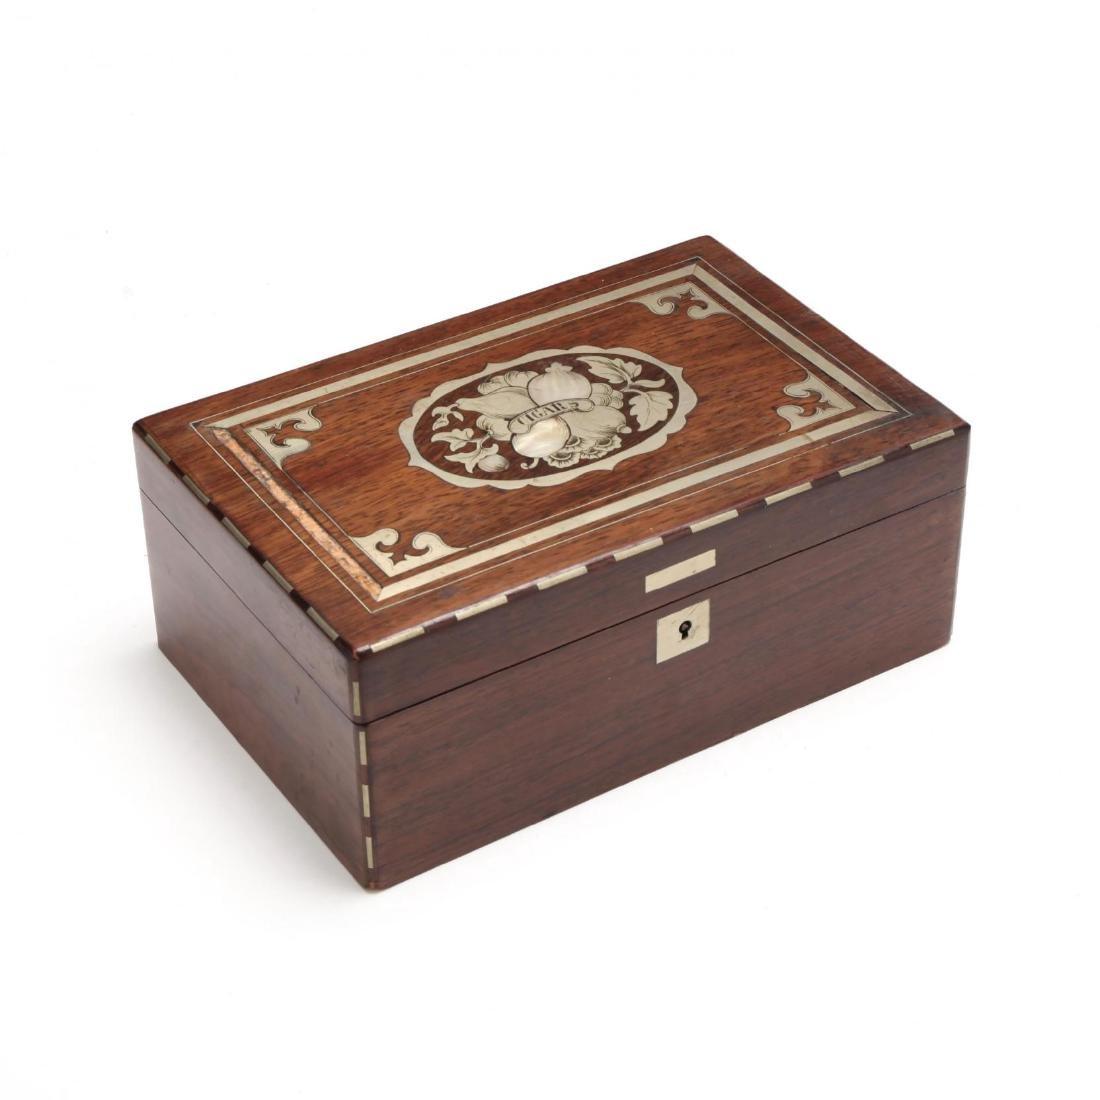 A Victorian Inlaid Cigar Box